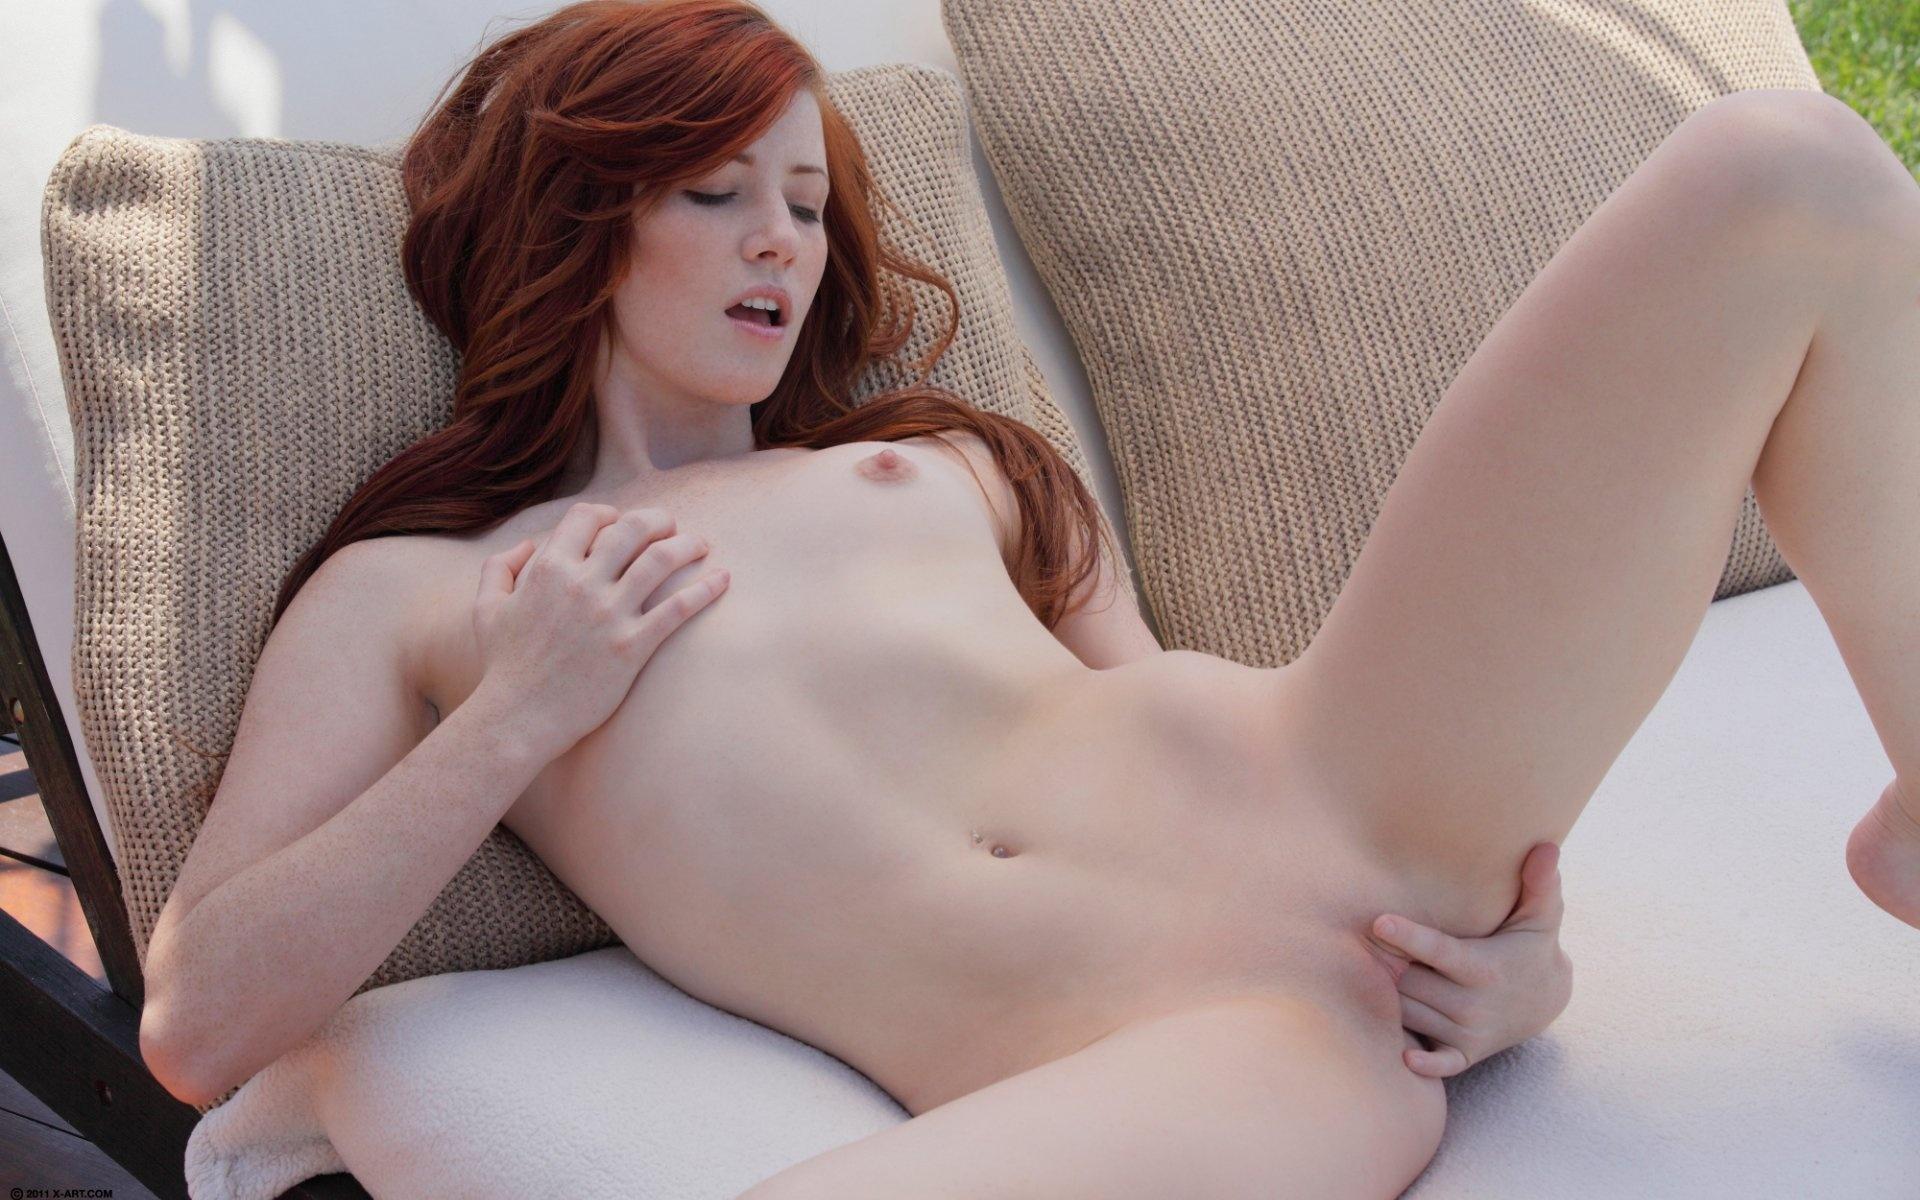 Butt licking porn